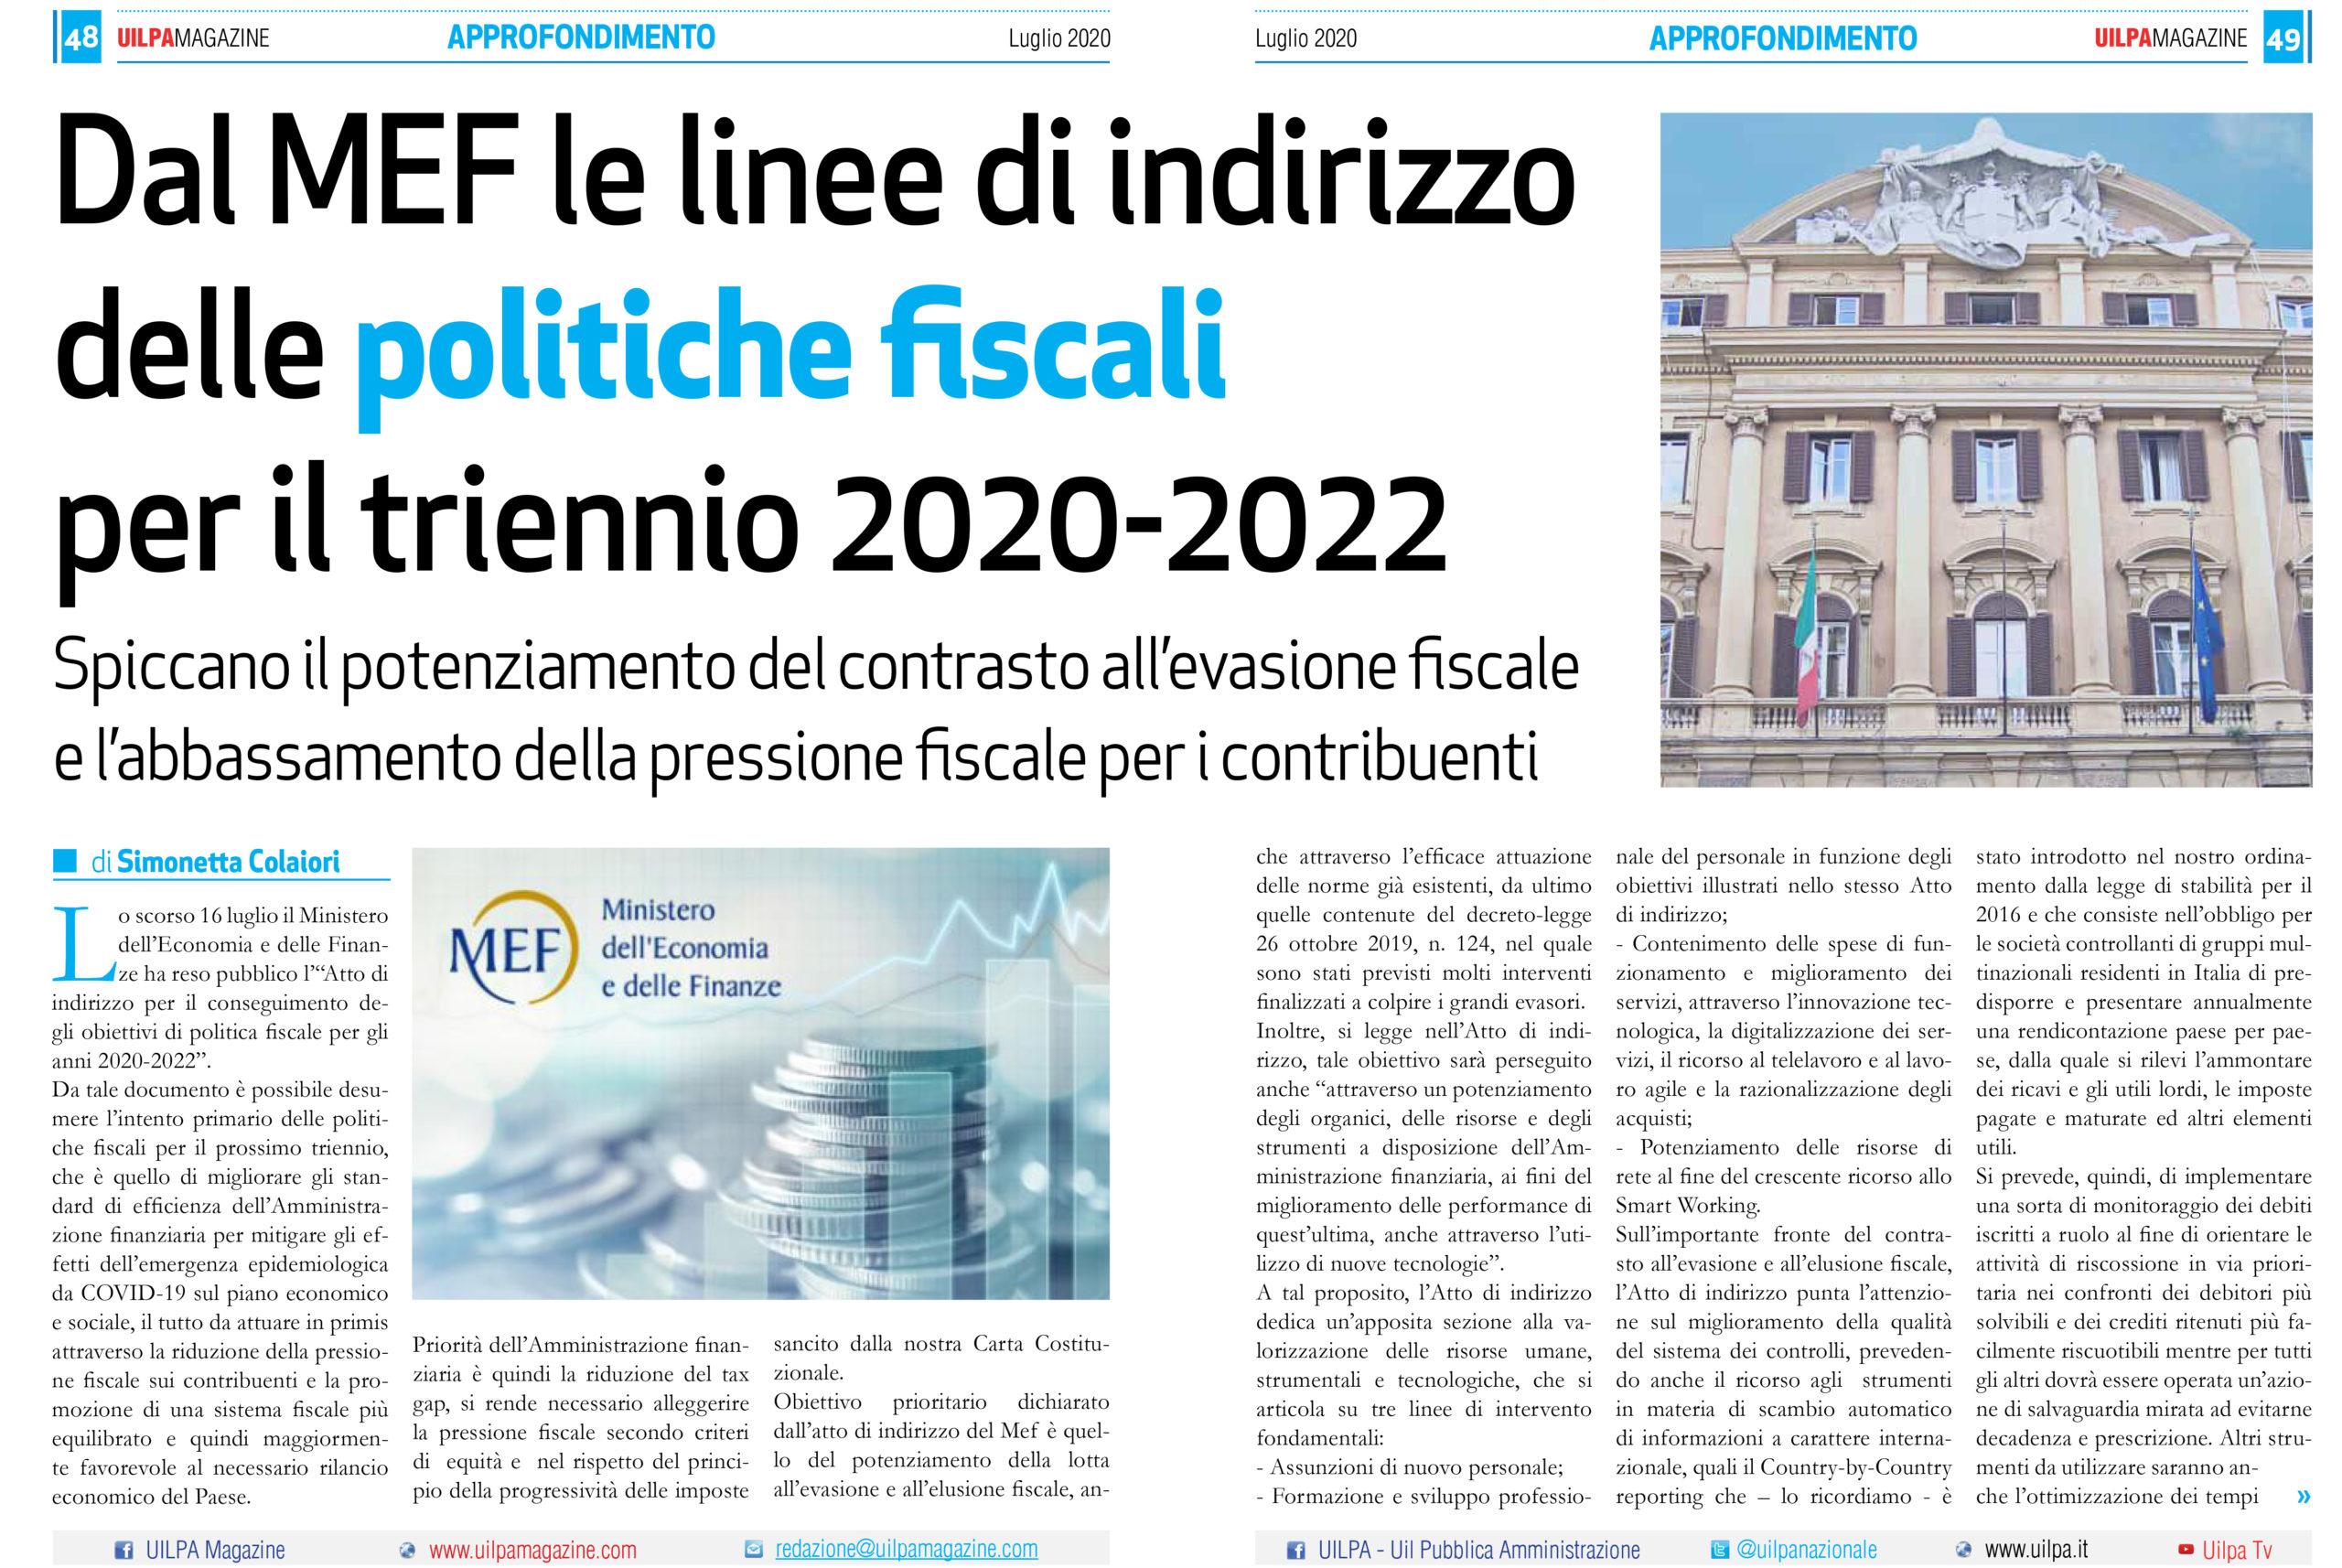 Dal MEF le linee di indirizzo delle politiche fiscali per il triennio 2020-2022